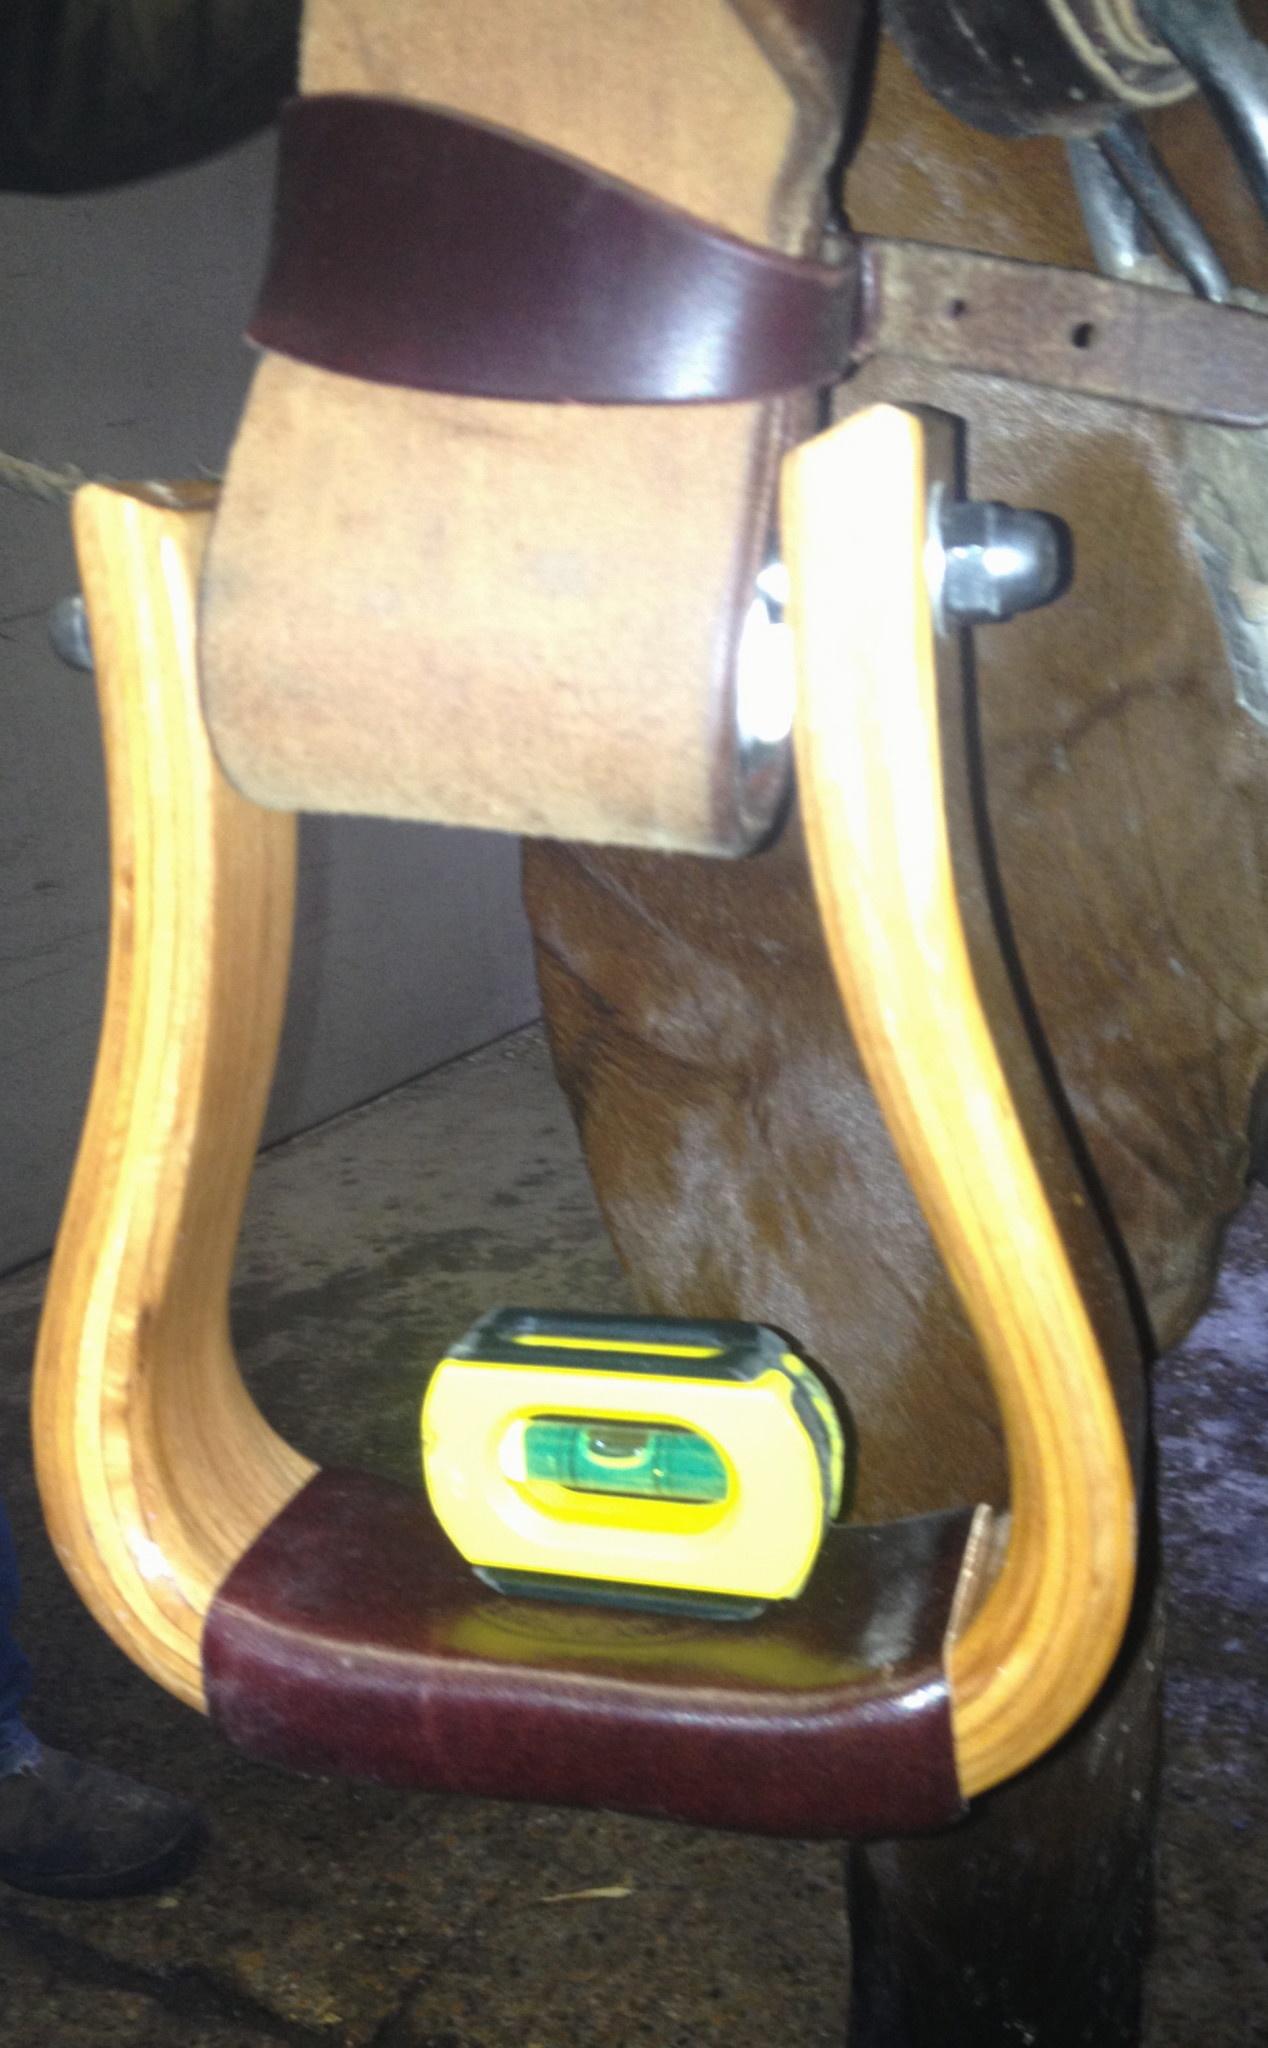 Nettles Stirrups Regular 2'' The Duke + Leveler stirrups/stijgbeugels